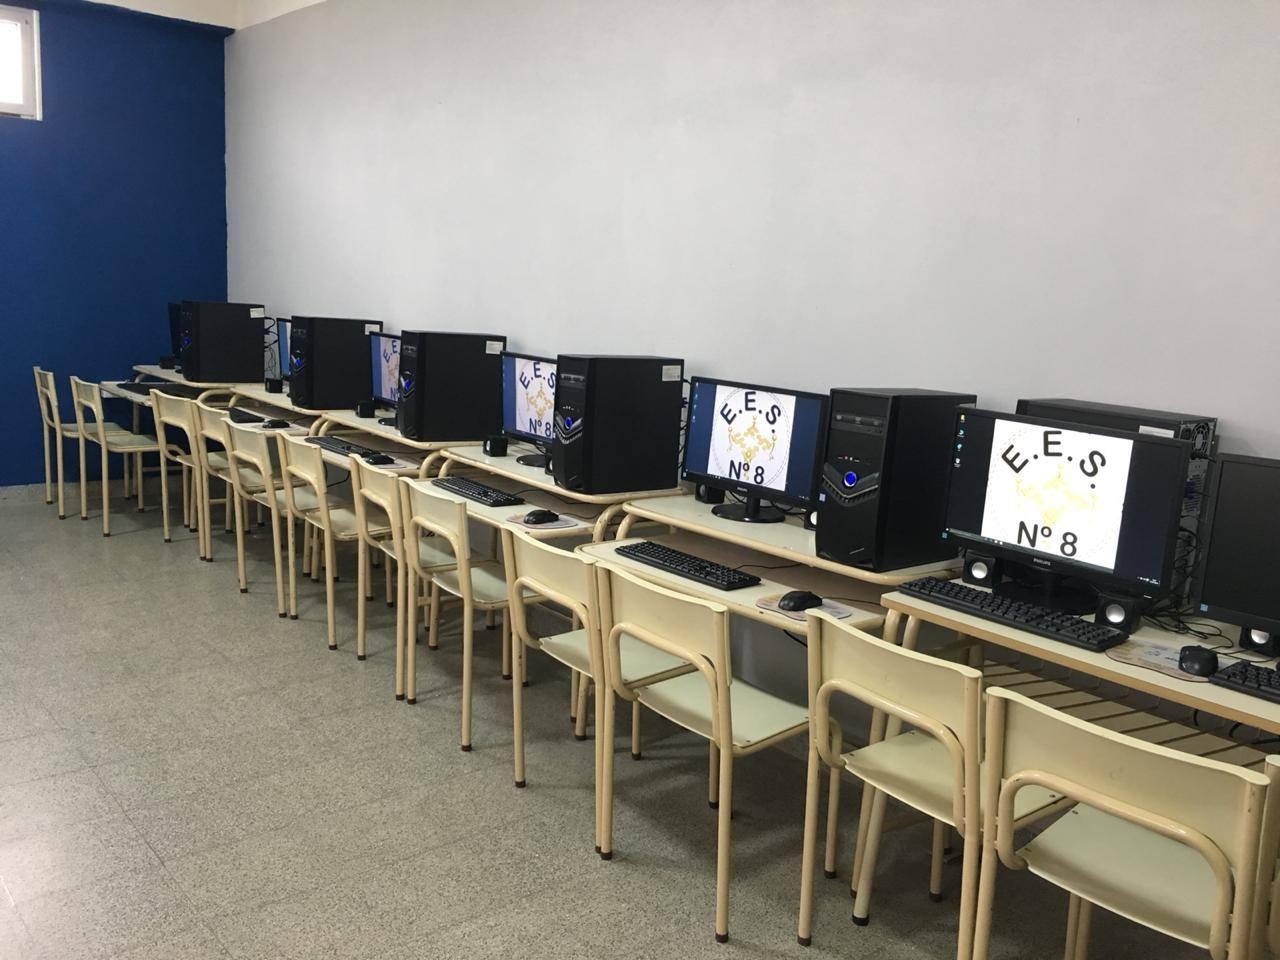 Computadoras y mobiliario para la escuela 8 la trocha for Mobiliario ergonomico para computadoras